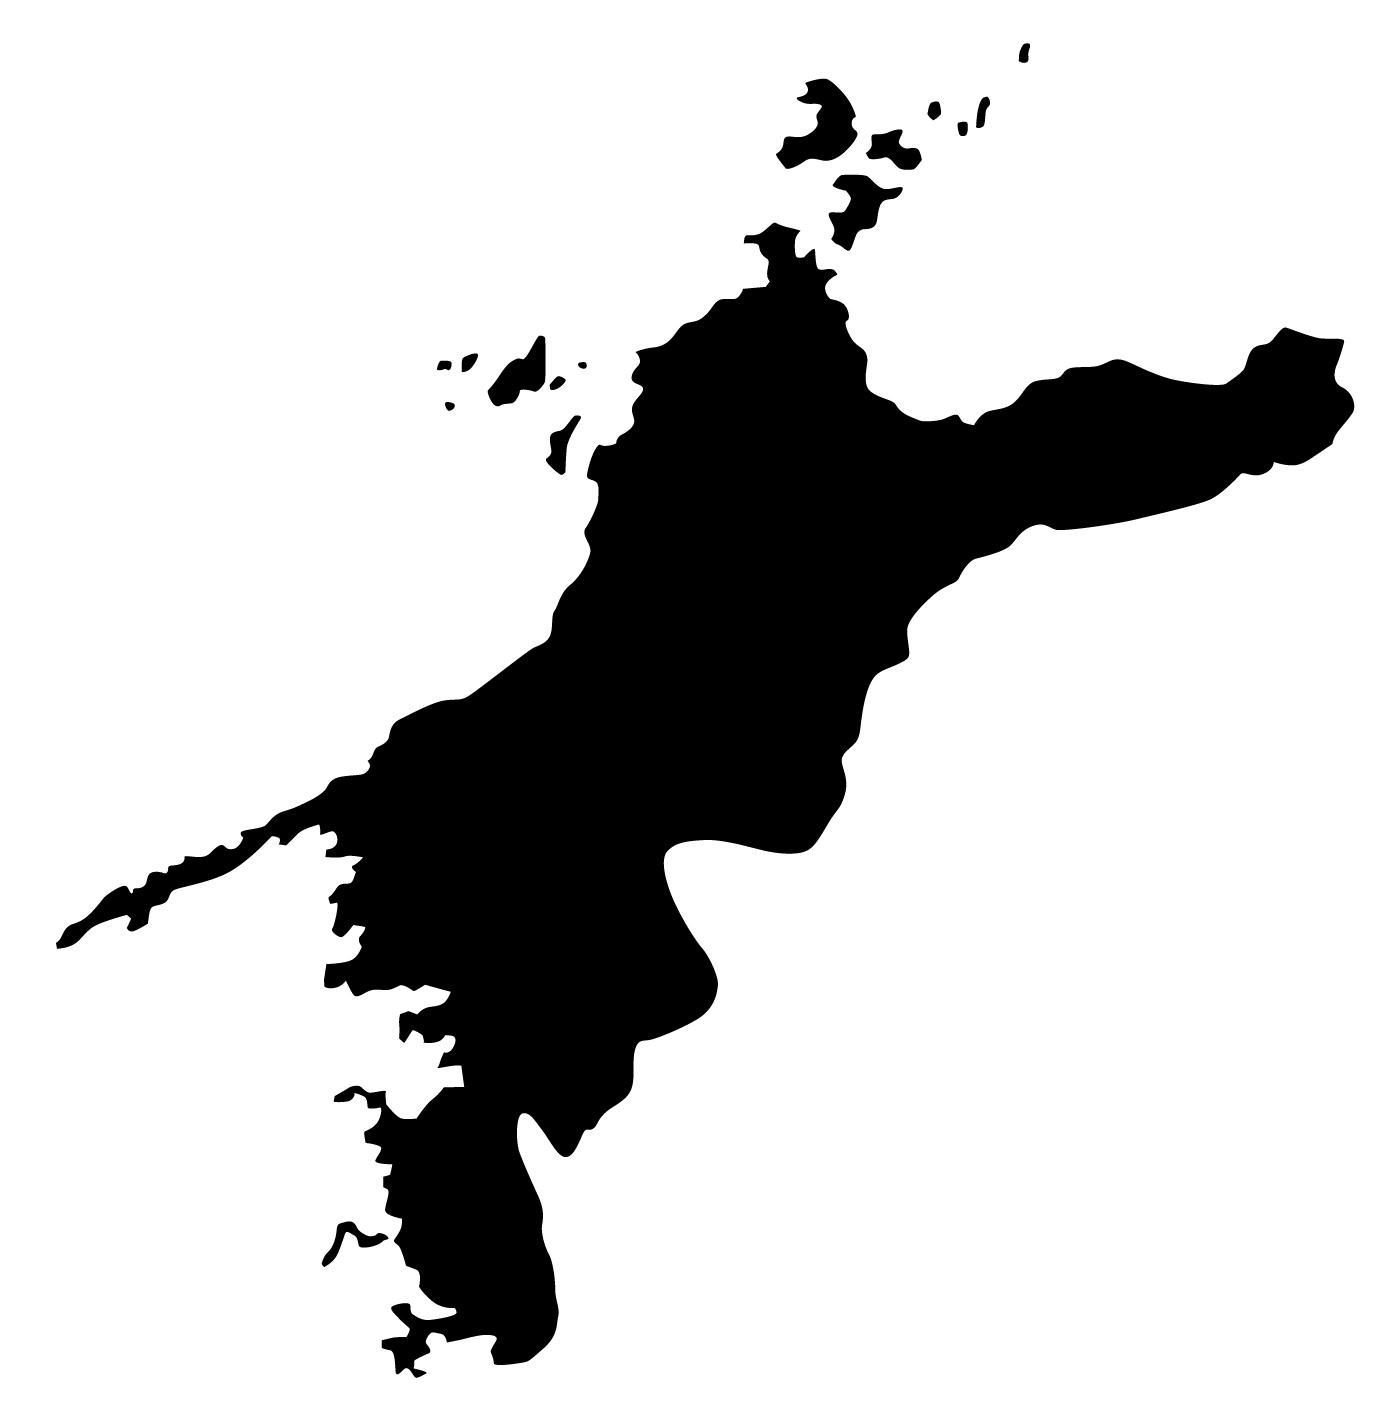 愛媛県無料フリーイラスト|文字なし(黒)